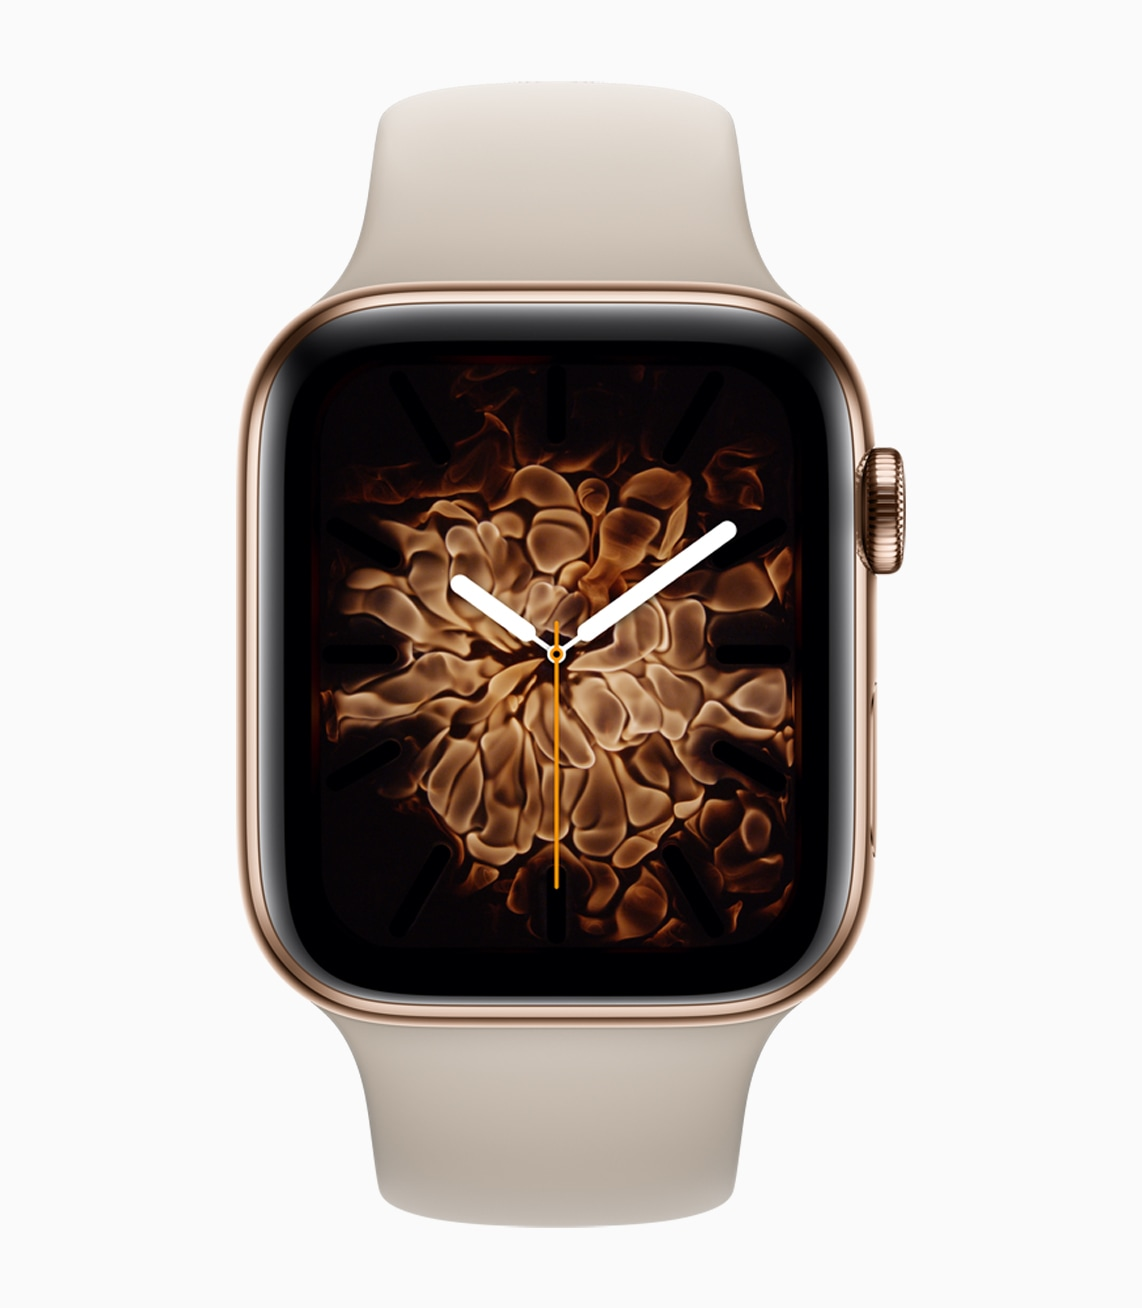 """ed34d33f7e6 ... por exemplo) e pode ainda gerenciá-la pelo próprio relógio (podendo  escolher a opção """"Receber em Silêncio"""" ou """"Desativar no Apple Watch"""")."""